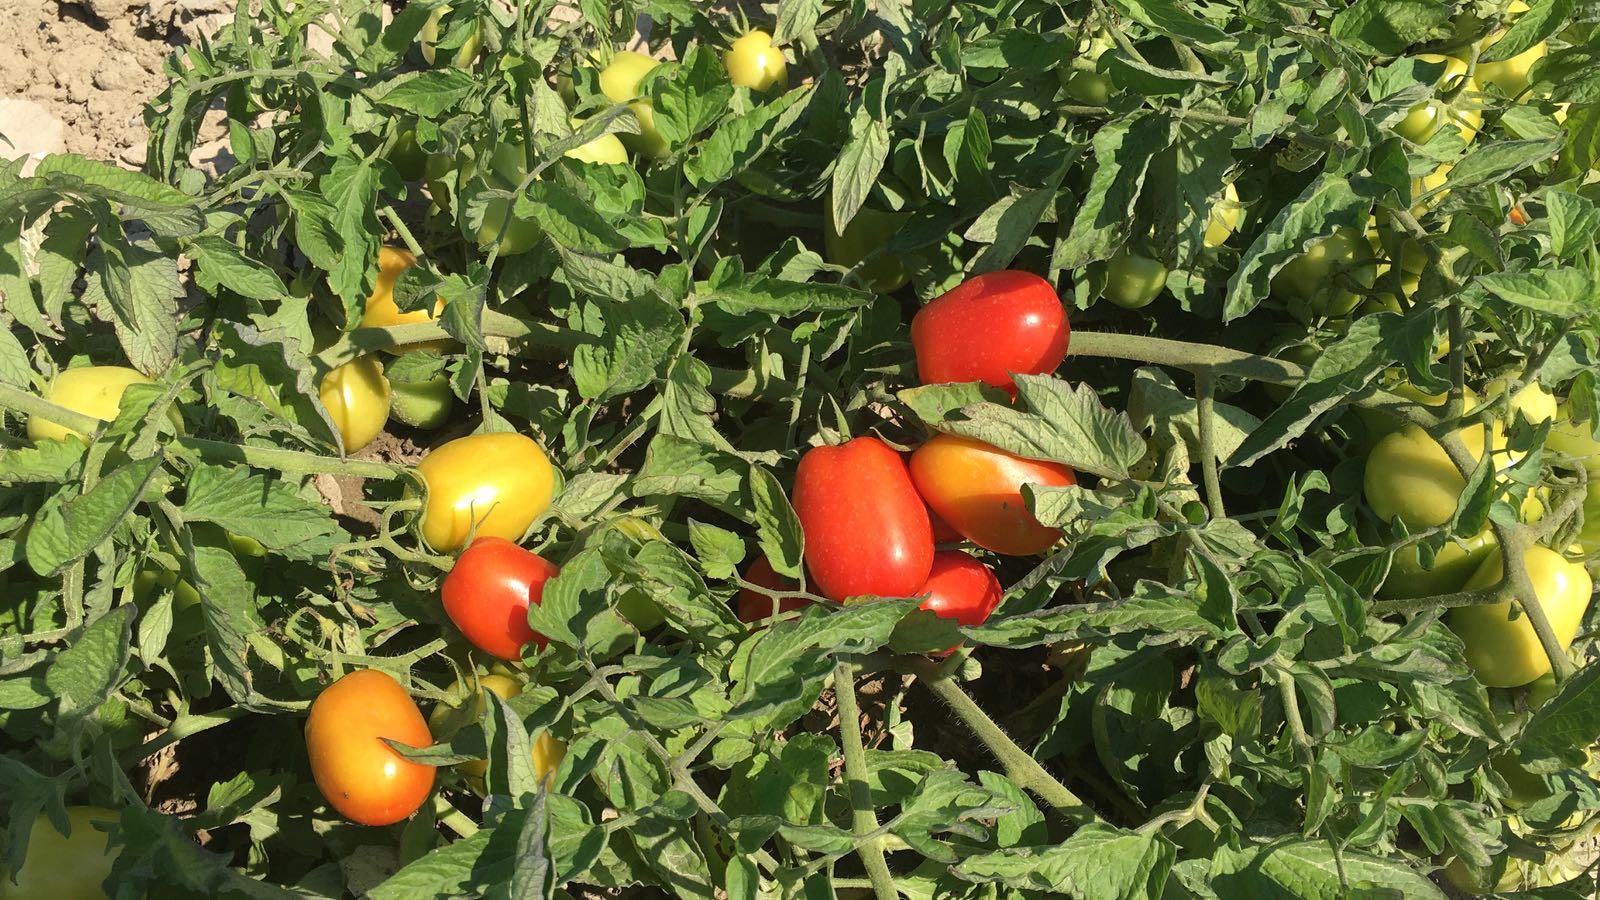 pomodoro da salsa 18 luglio 2018 3